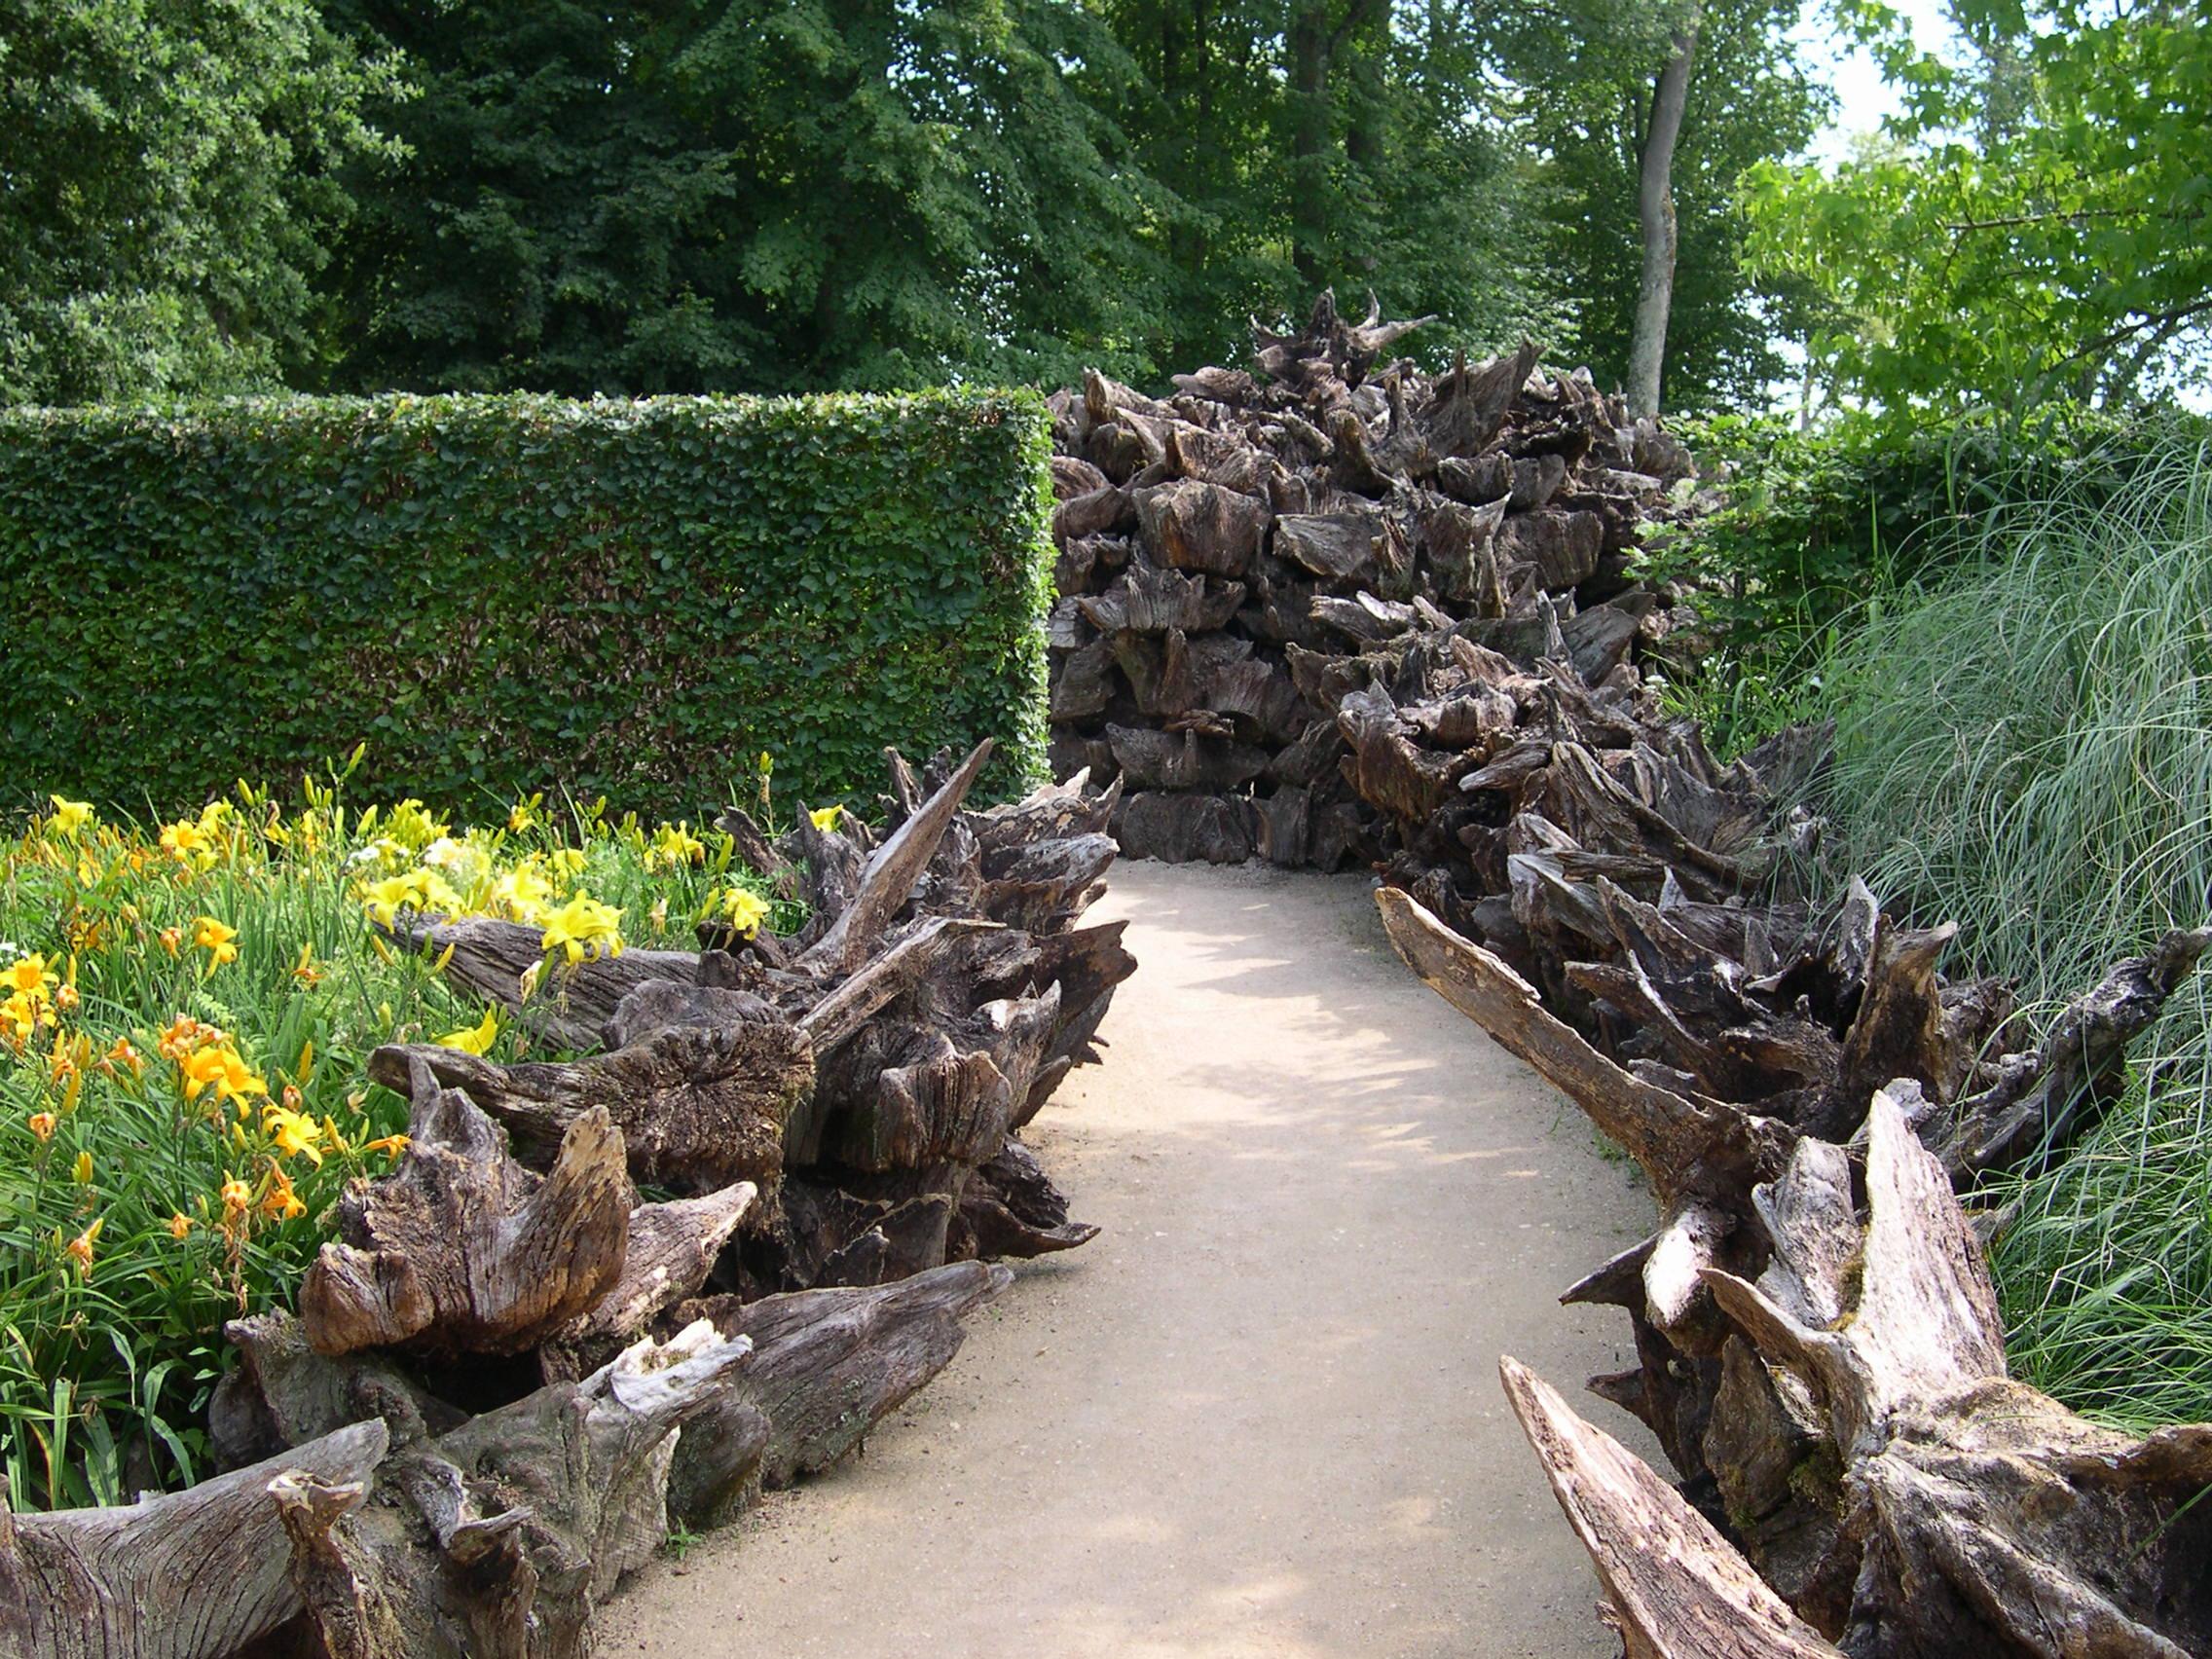 File france loir et cher festival jardins chaumont sur loire 2005 13 stumpery wikimedia - Jardins chaumont sur loire ...